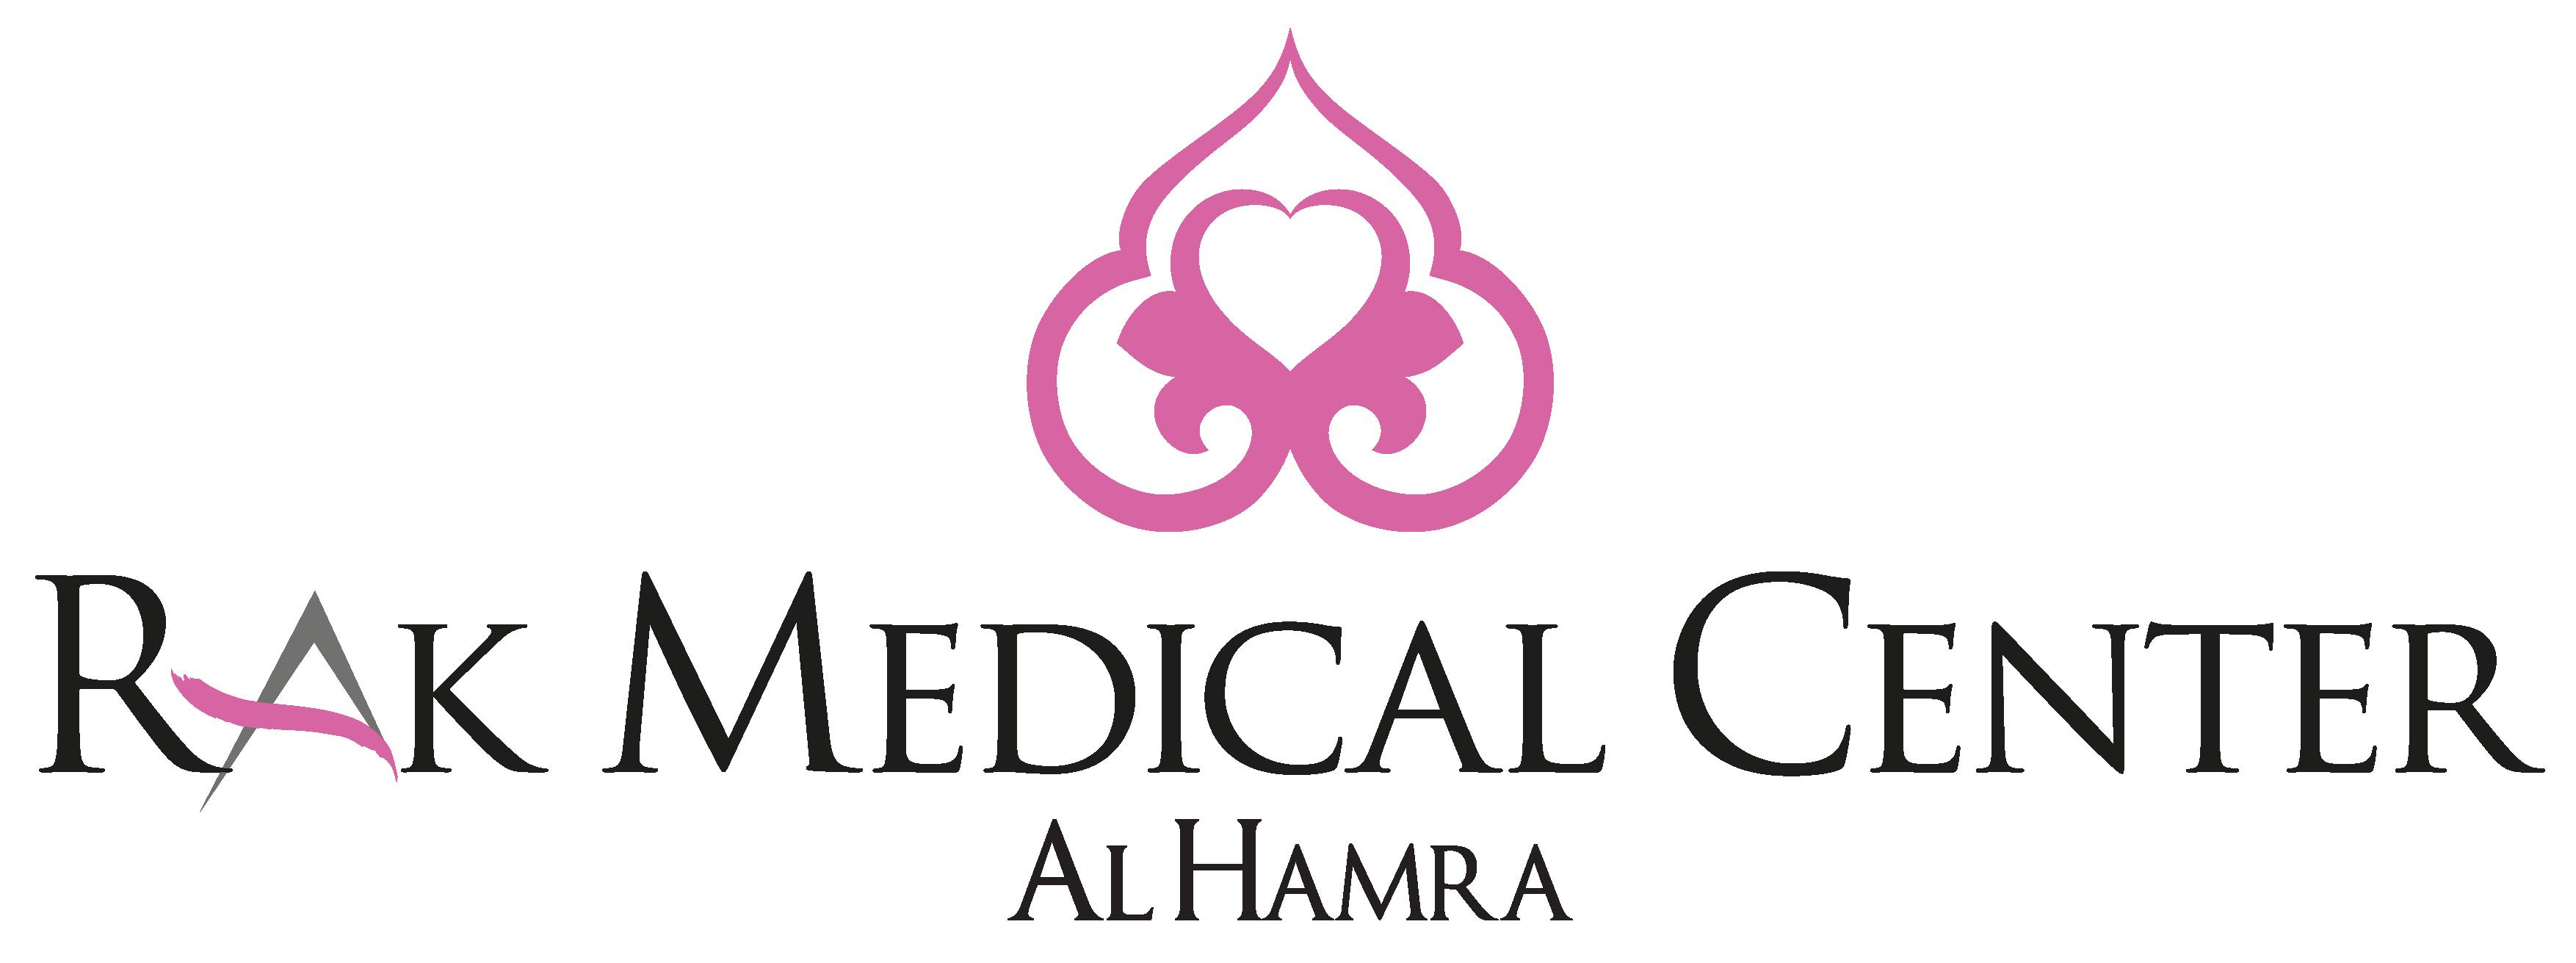 RAK Medical Center-Alhamra